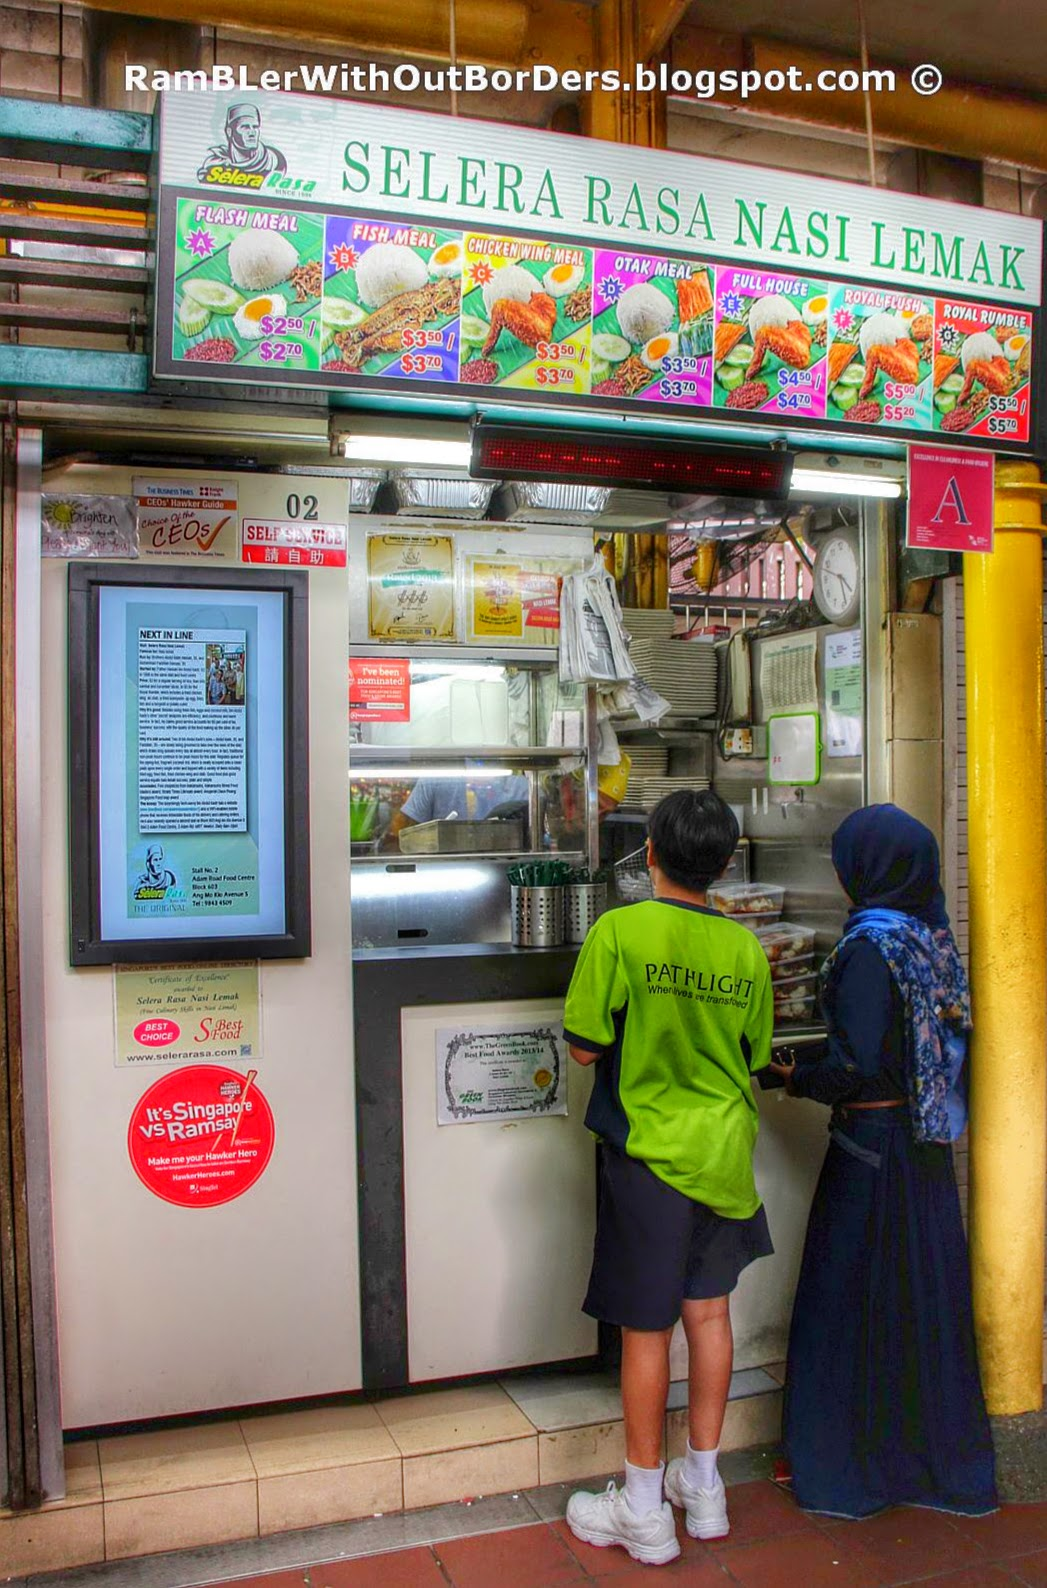 Selera Rasa Nasi Lemak, Adam Road, Singapore